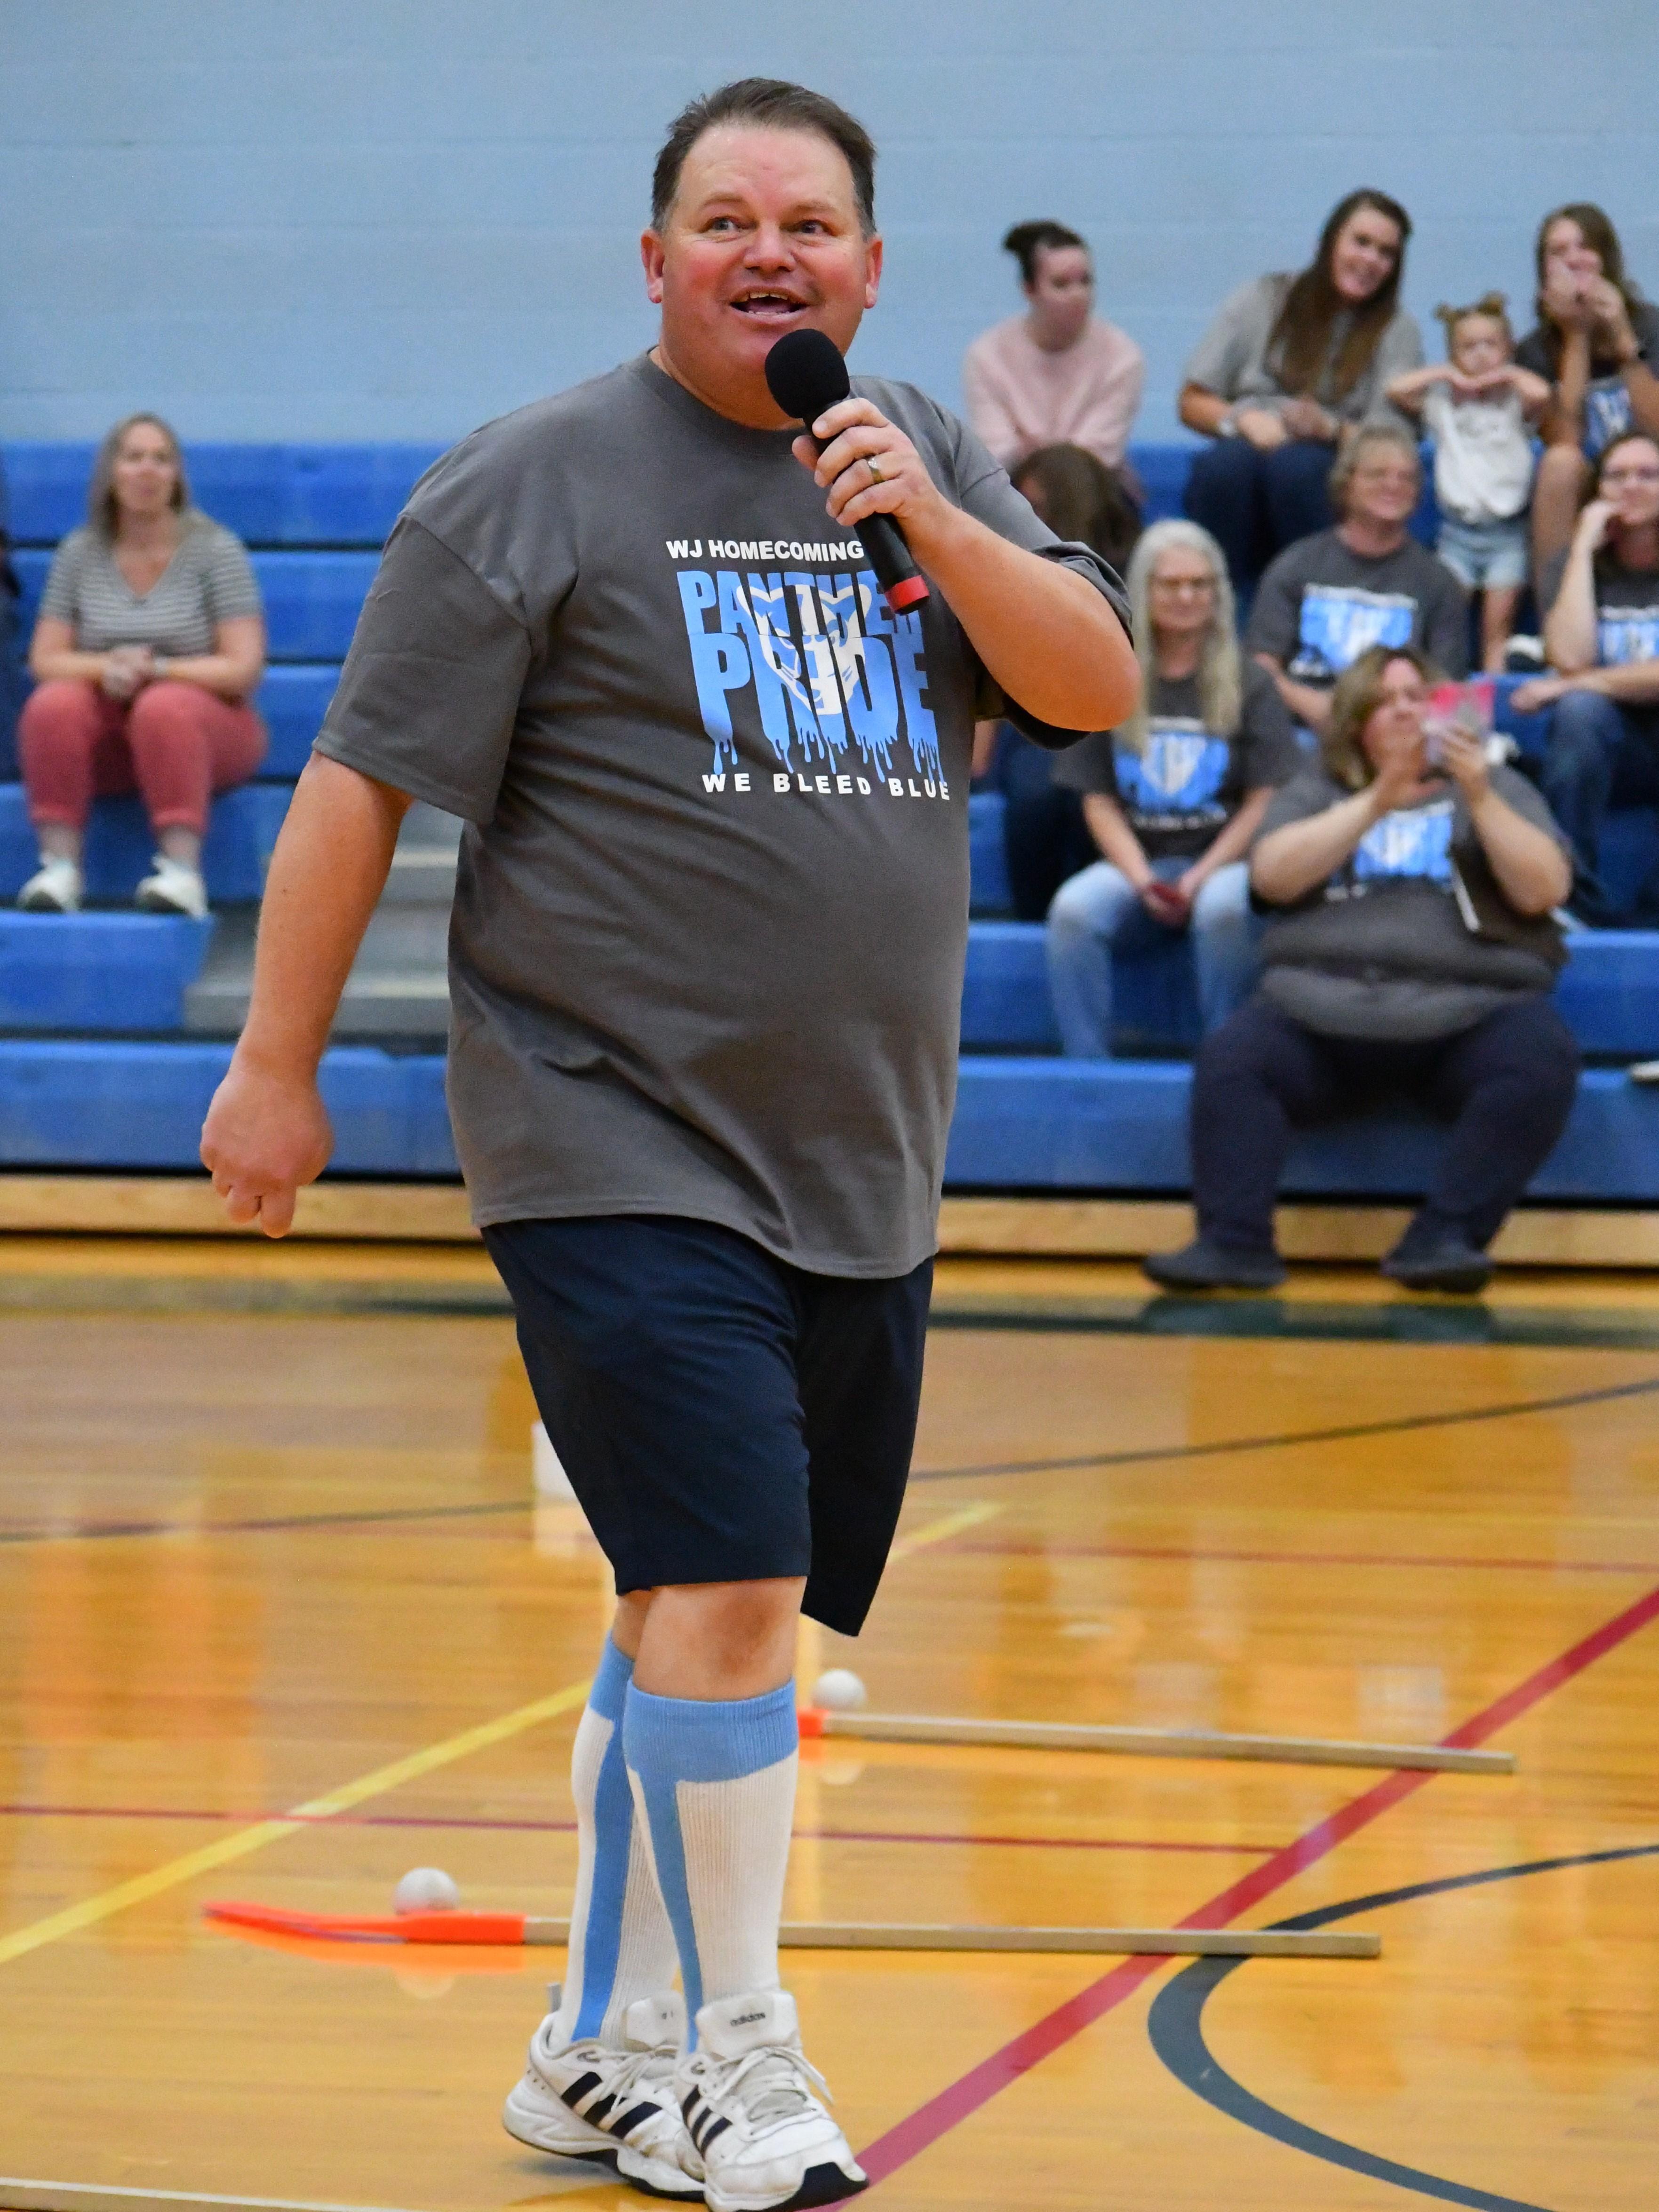 Coach Hadley